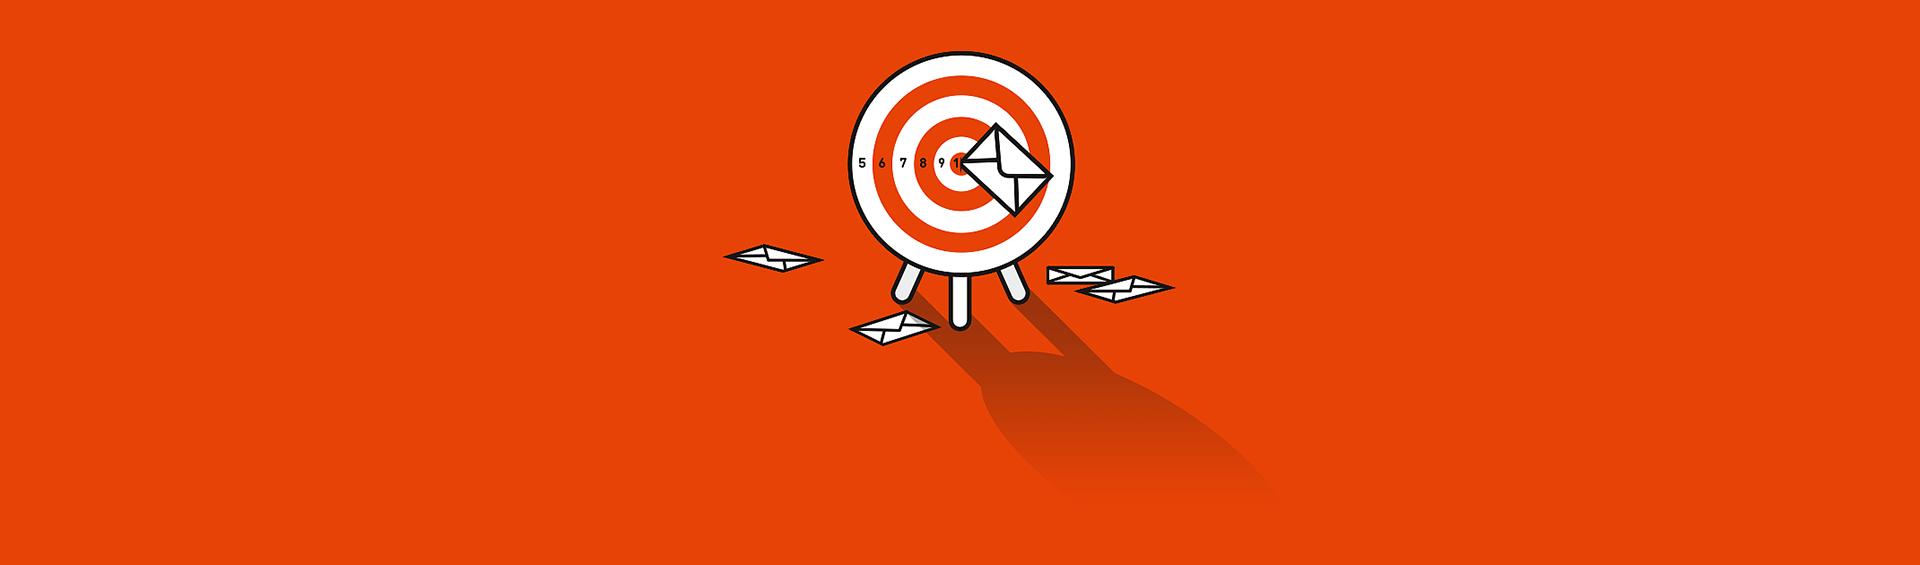 60 способов повысить эффективность email-рассылки